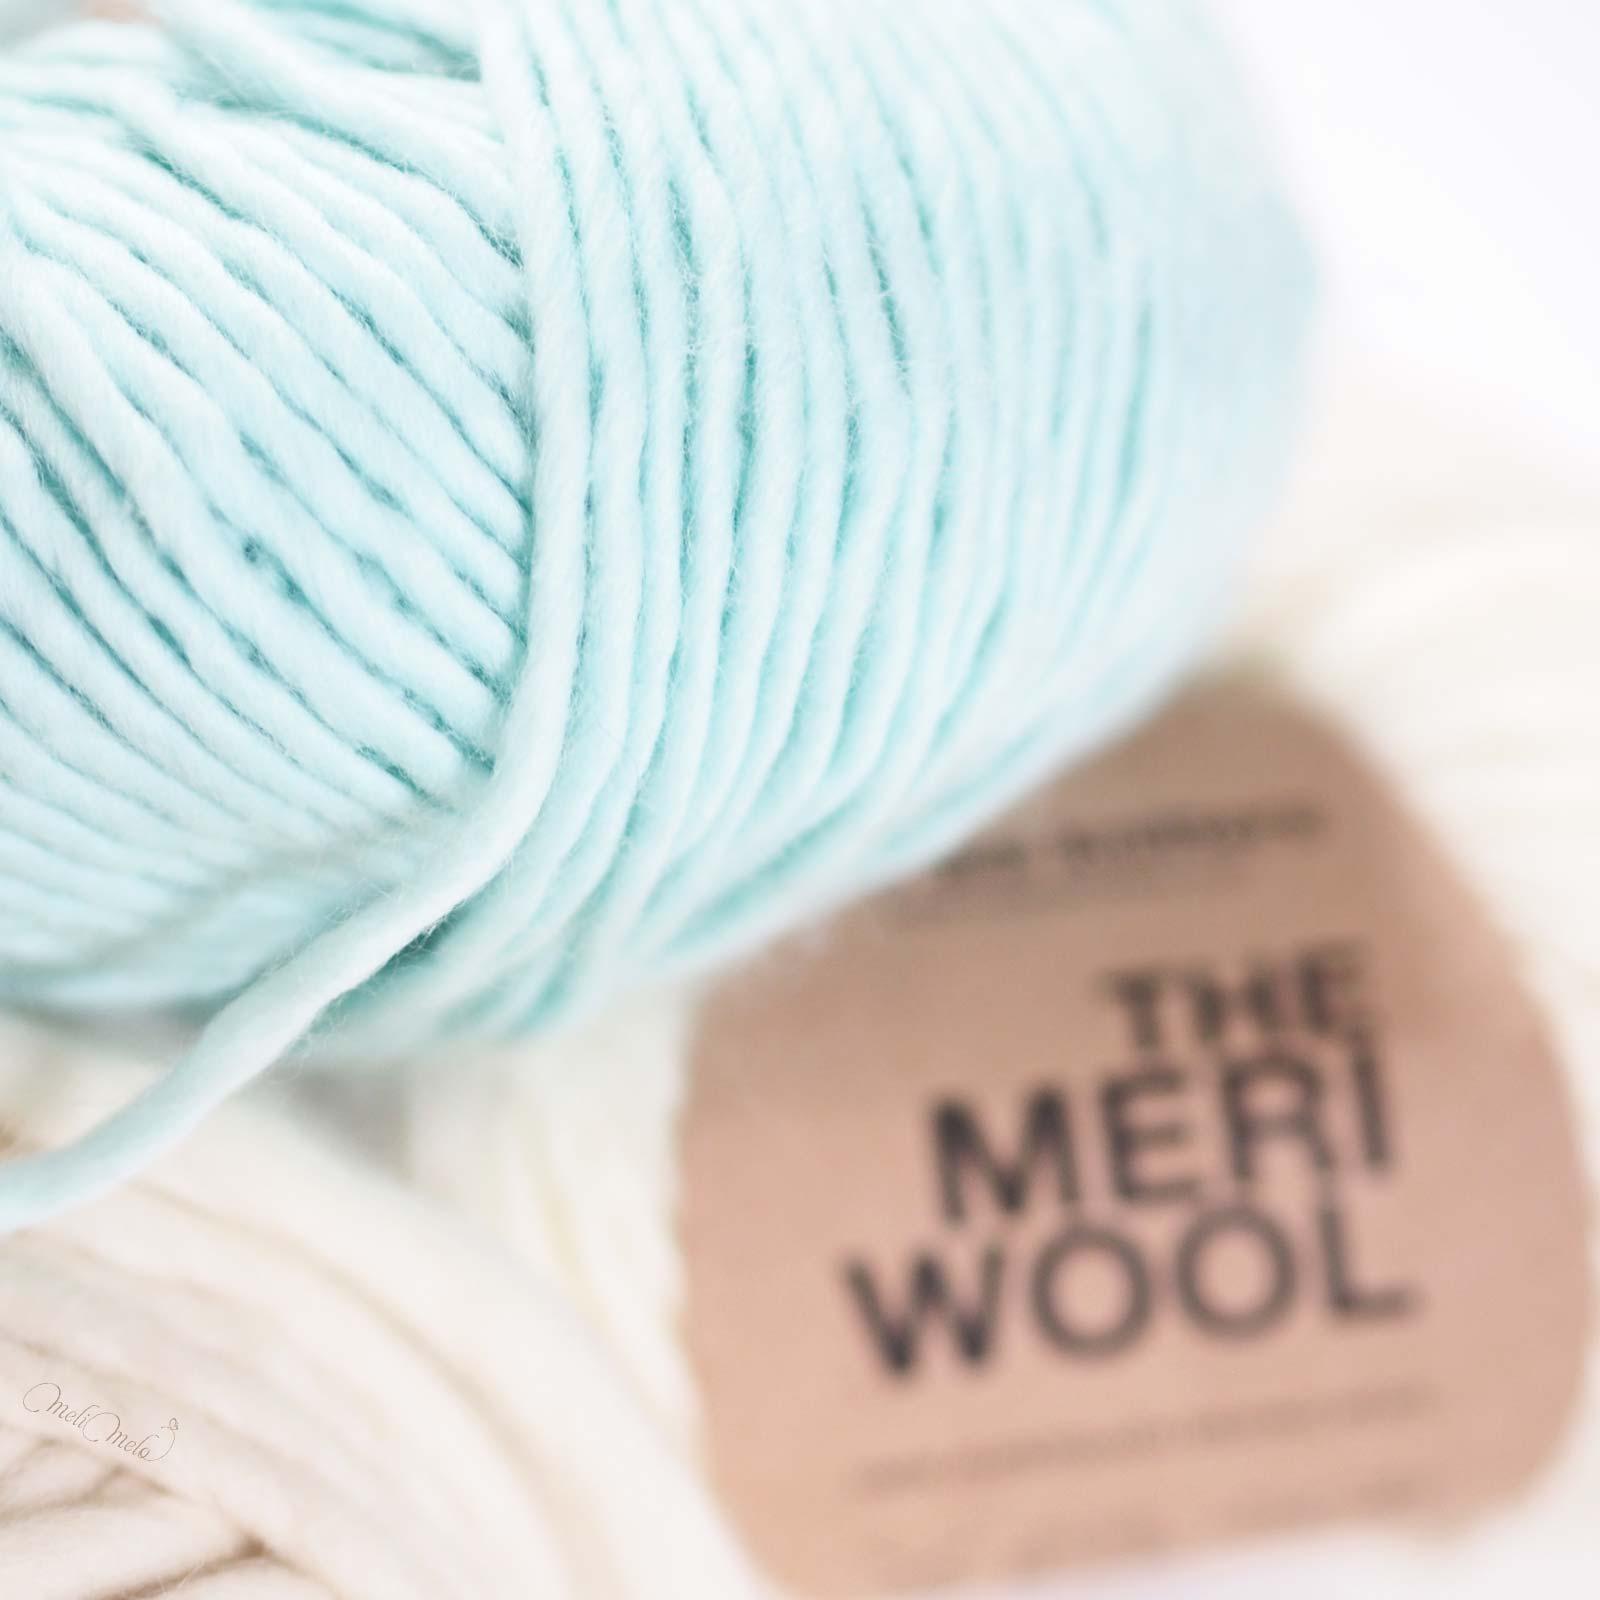 laine wool meriwool thewool weareknitters laboutiquedemelimelo